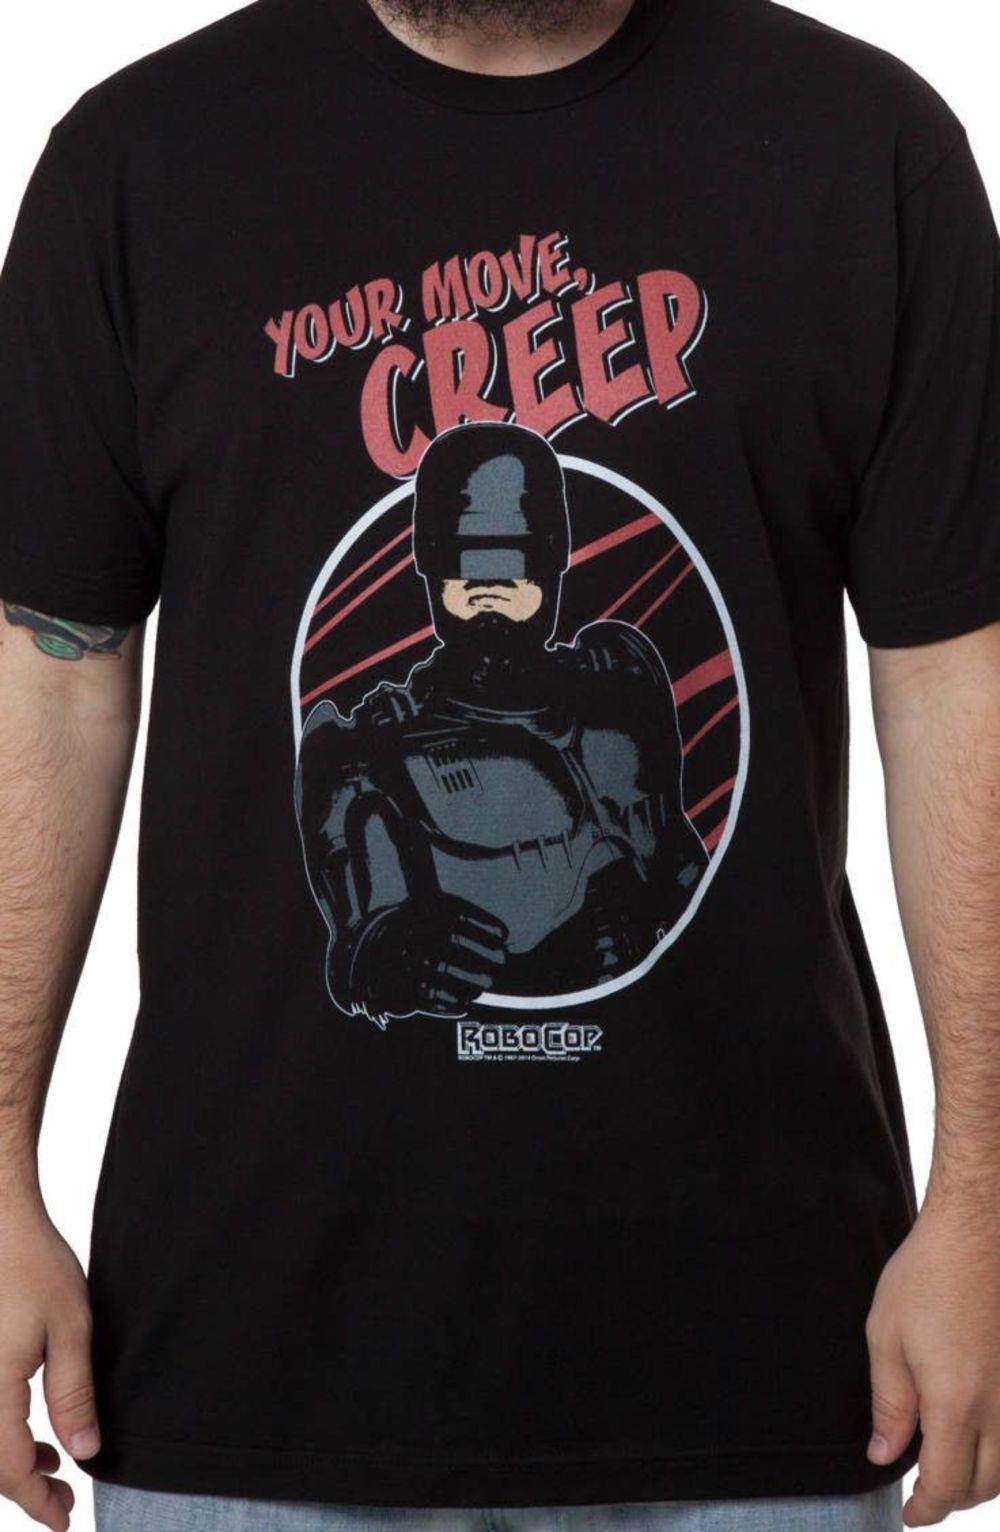 41 best geek t shirt design ideas - Tee Shirt Design Ideas